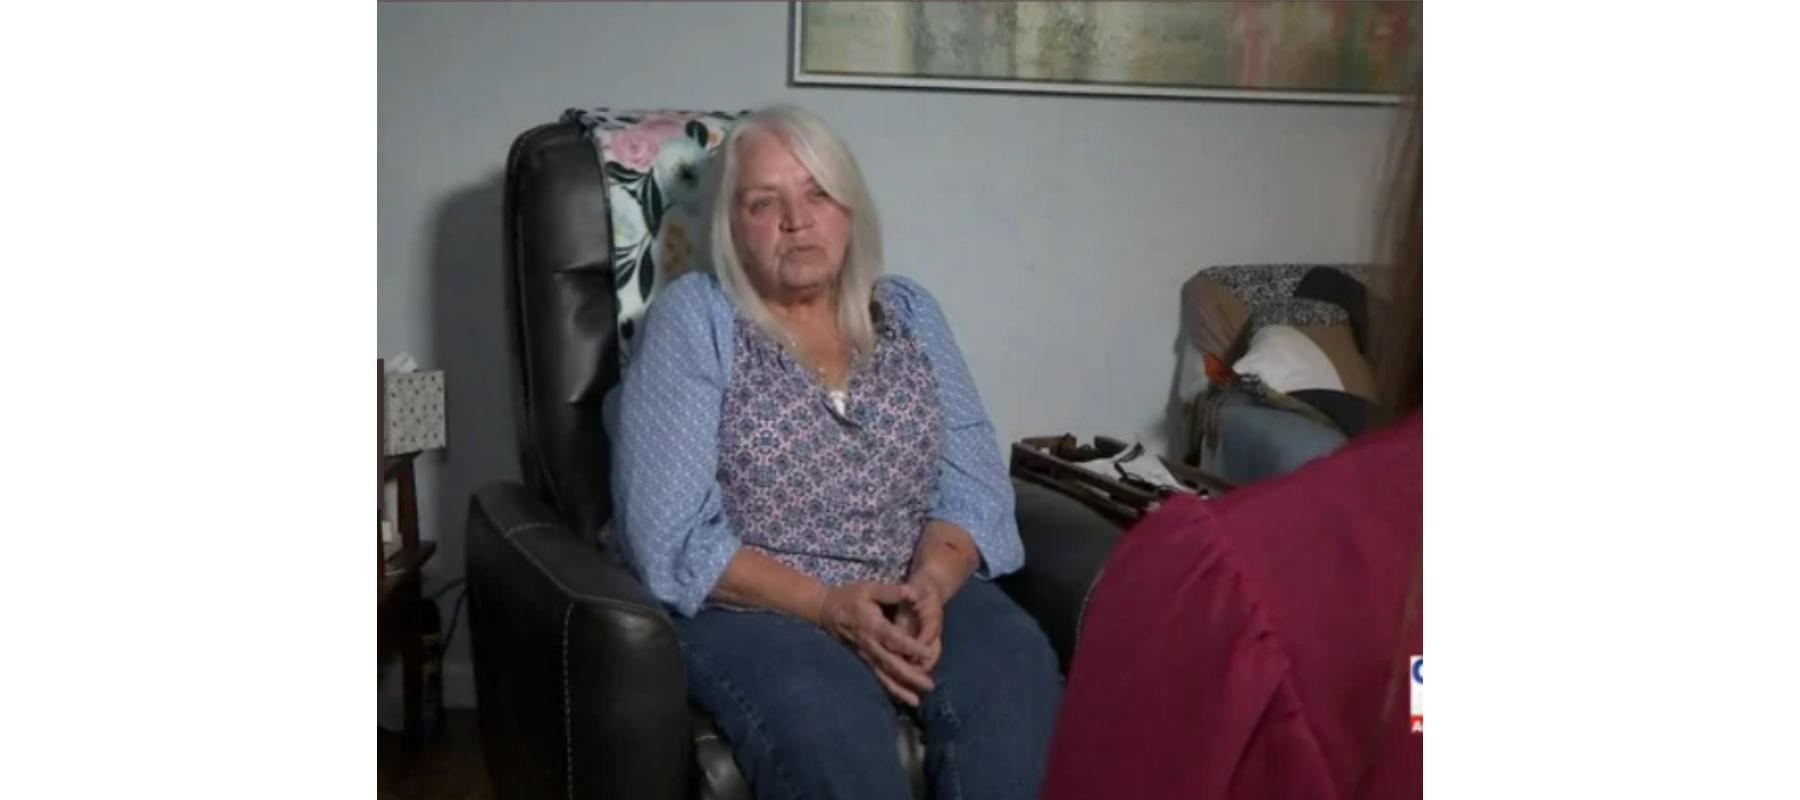 Lynn conta em entrevista à WKRC sobre o acontecimento que a levou à prisão